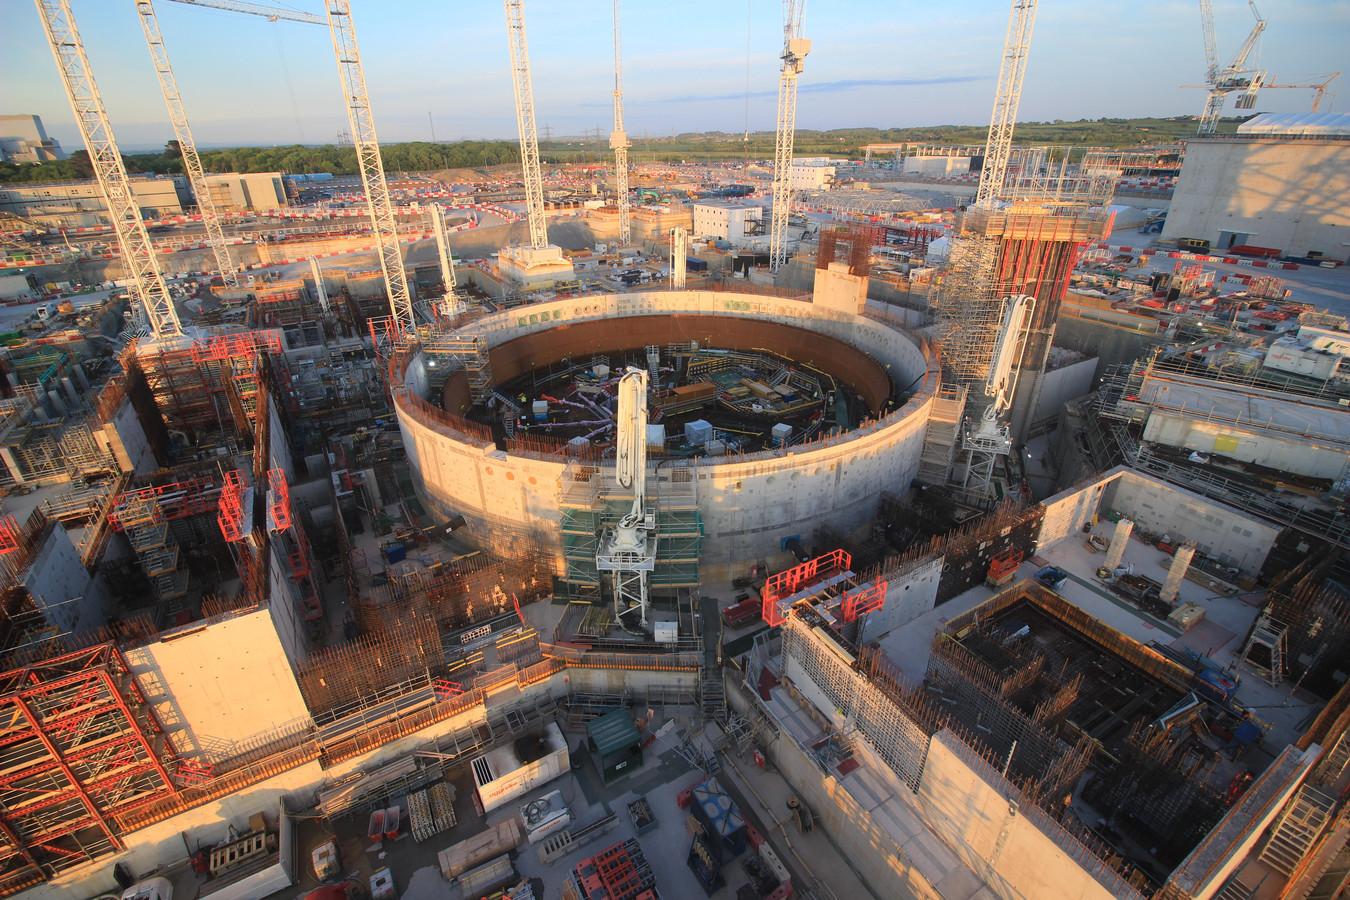 De bouw van een nieuwe kerncentrale van EDF in Hinkley Point, aan het kanaal van Bristol. Straks ook een kerncentrale in Brabant?